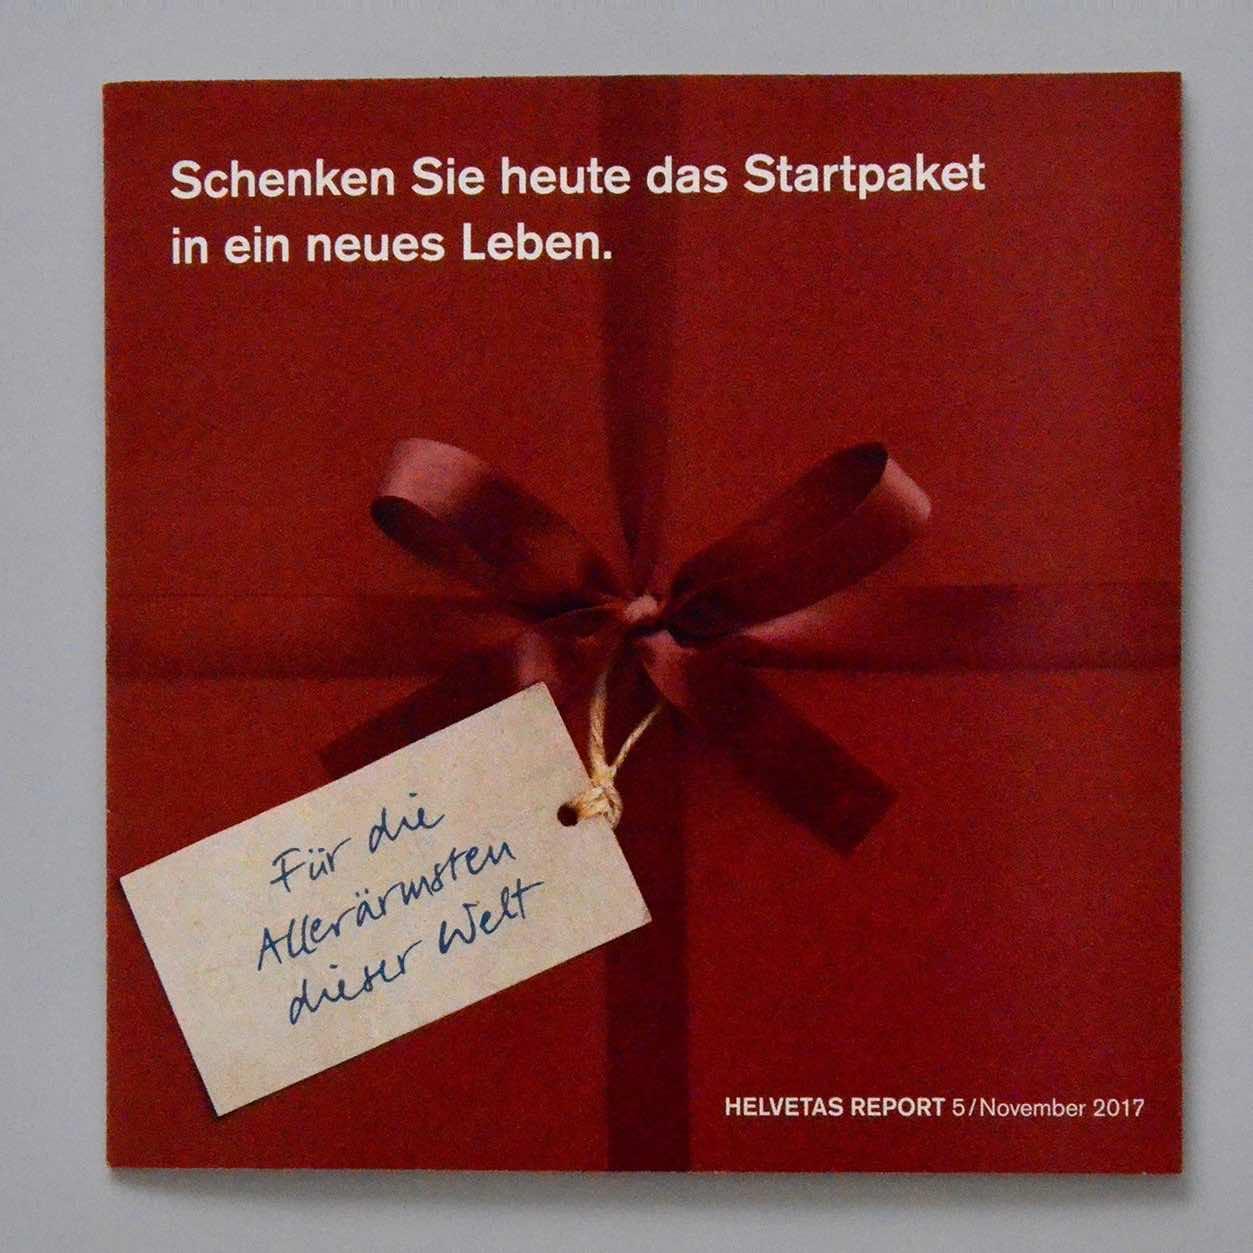 Helvetas Spendermailing November 2016: Beilage in Geschenkform